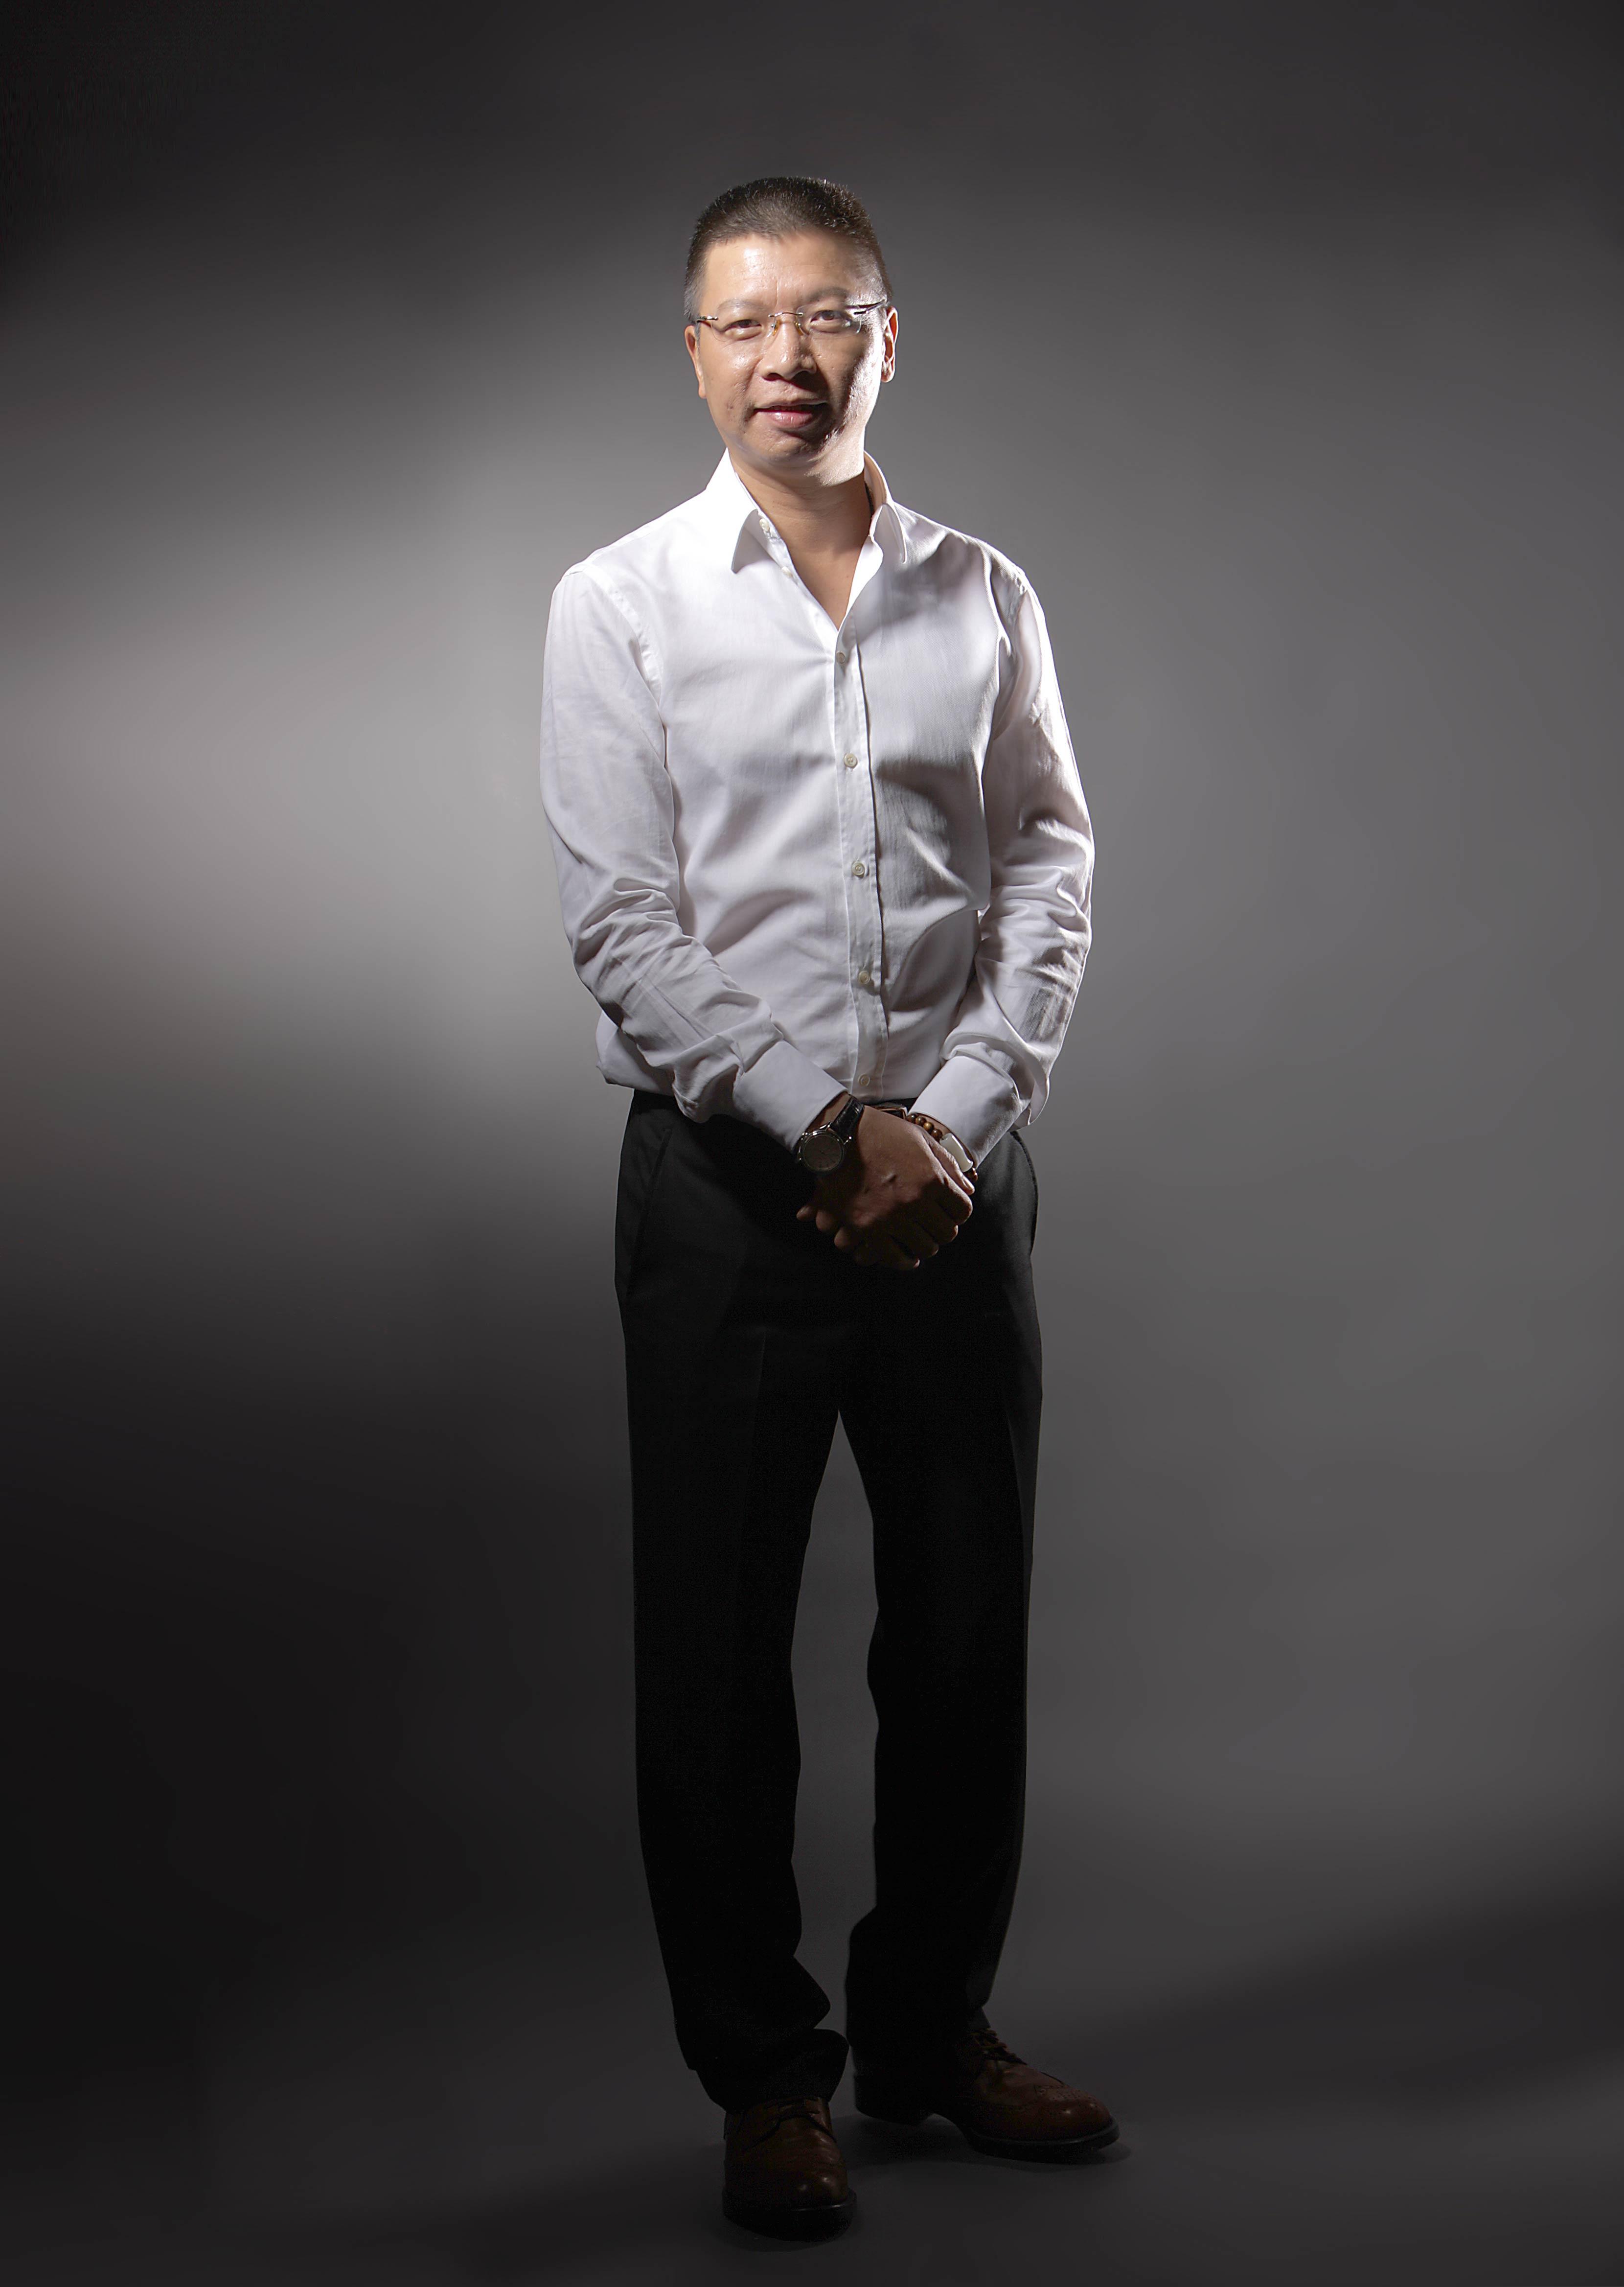 Xie Lin